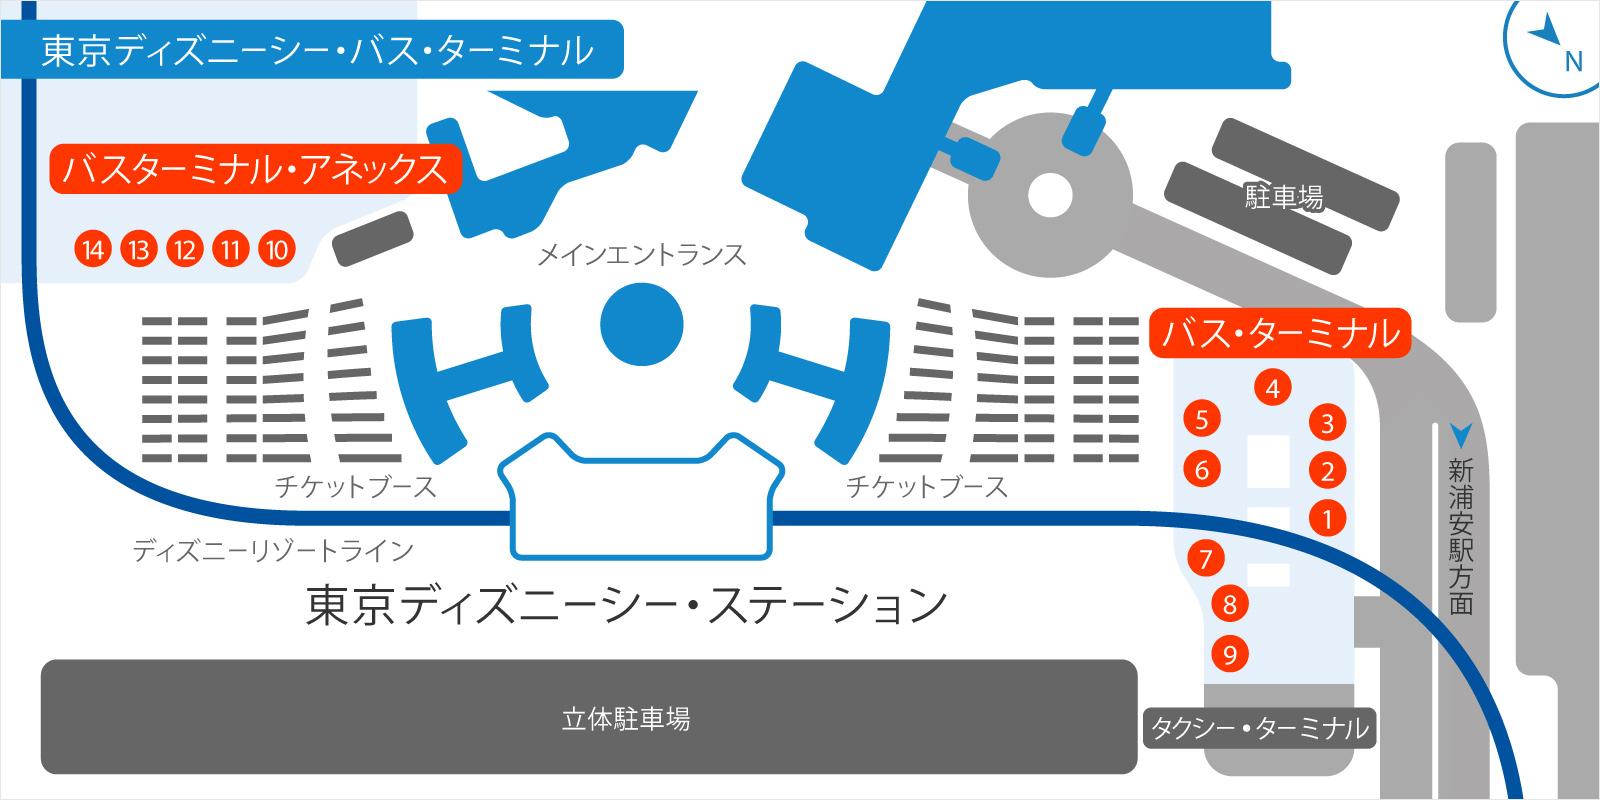 東京ディズニーシーバスのりばの地図